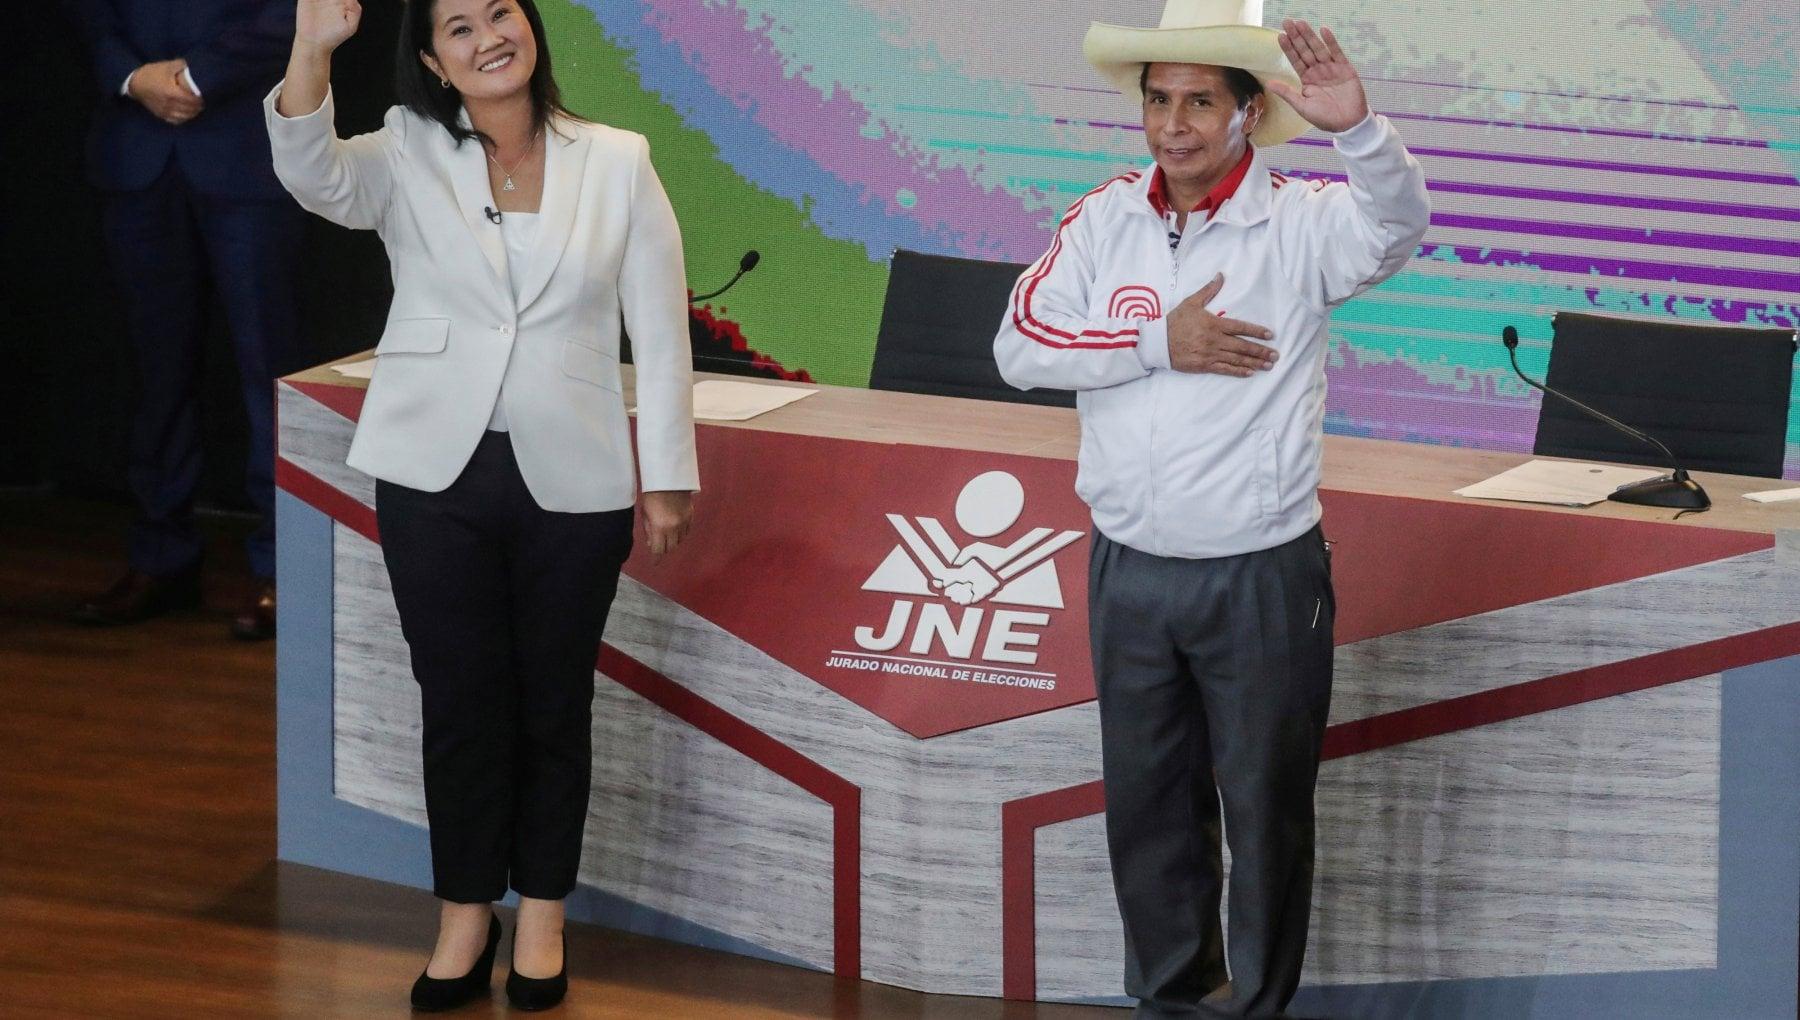 191752439 1653c152 6057 4398 833f 2f7b19f67622 - L'ultimo comunista e la figlia del dittatore: resa dei conti in Perù